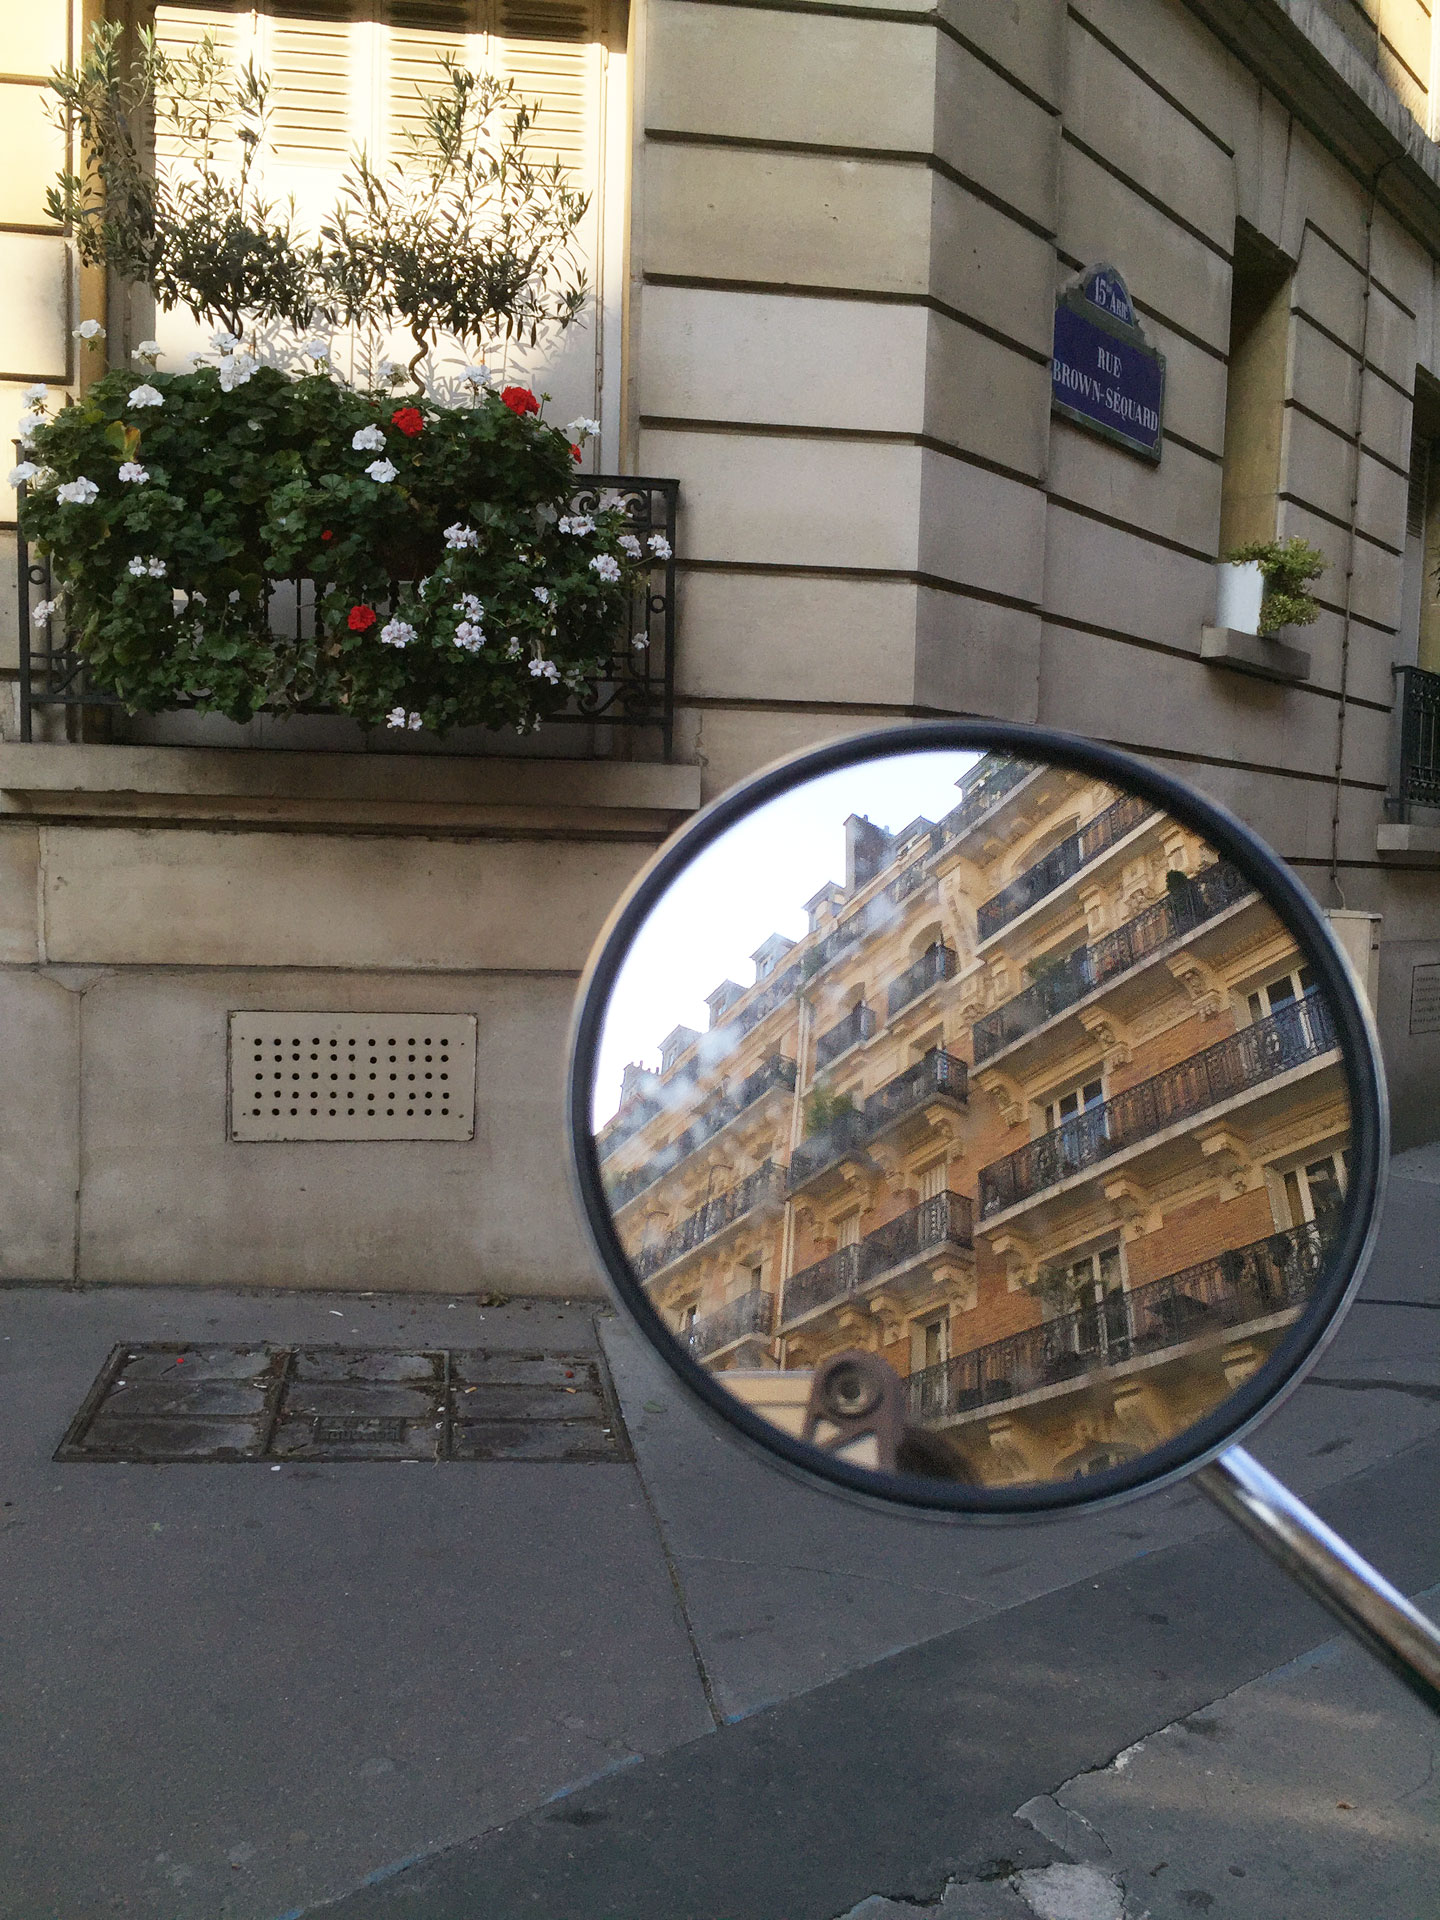 Paris Reflections